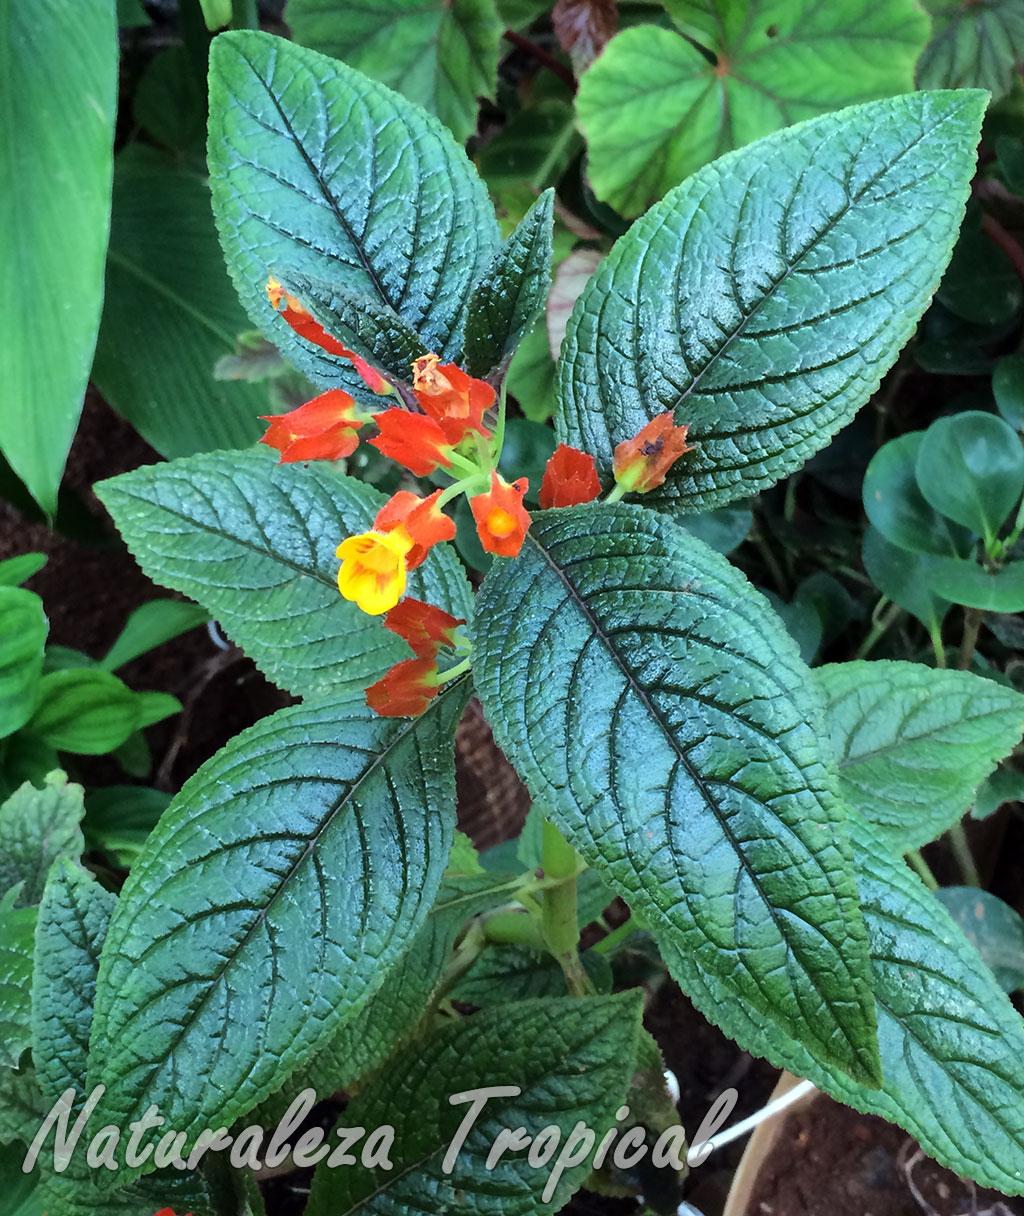 Naturaleza tropical una planta con hojas met licas y for Una planta ornamental